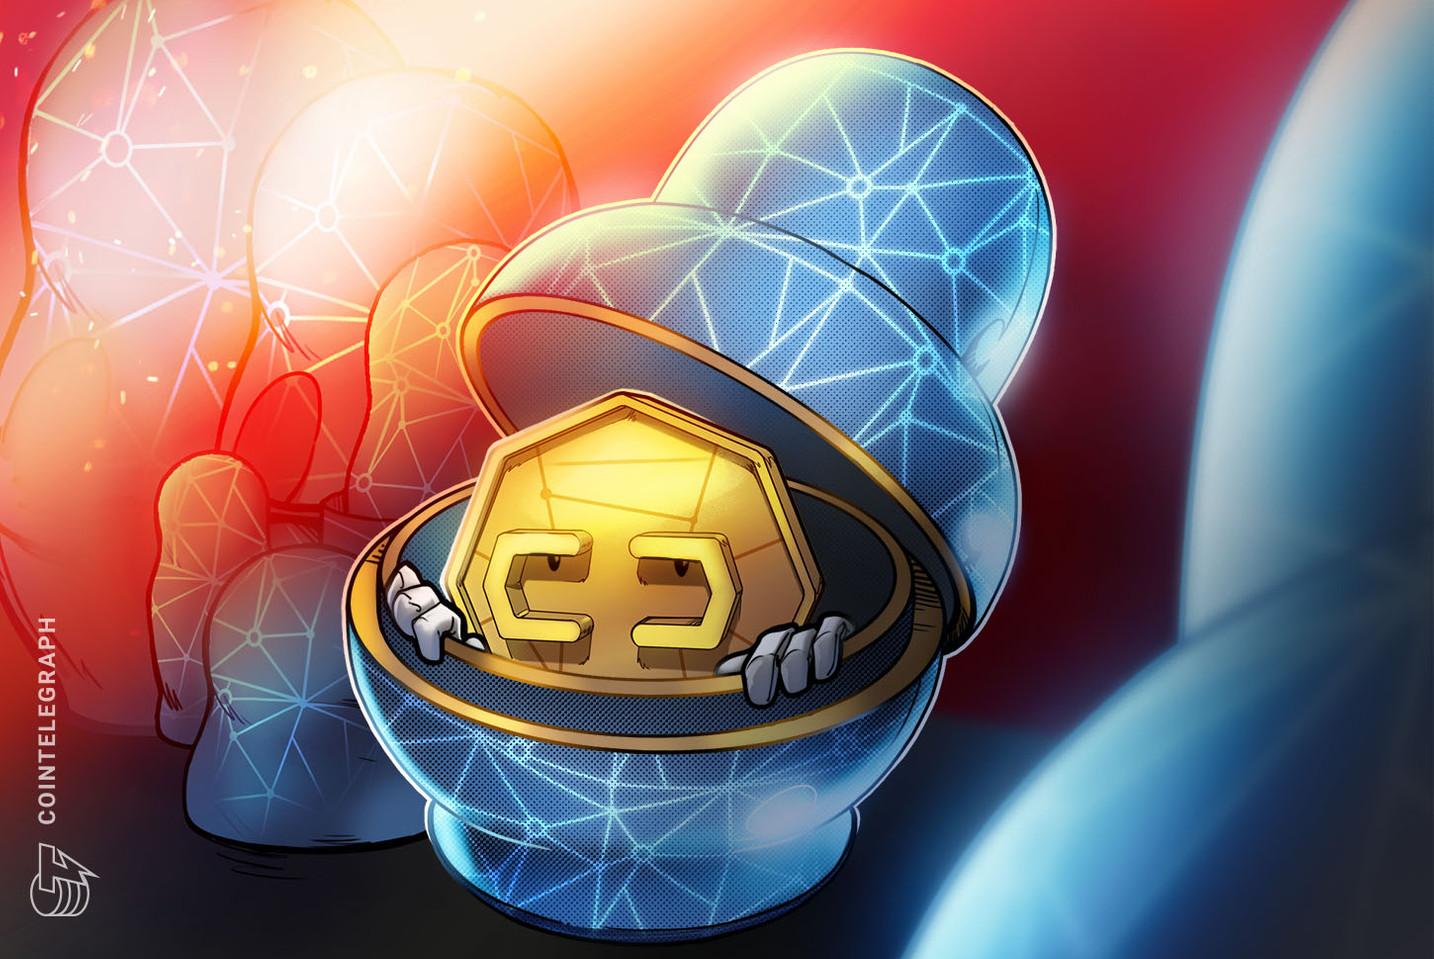 Autoridades russas consideram suspensão parcial da proibição de pagamentos com criptomoedas